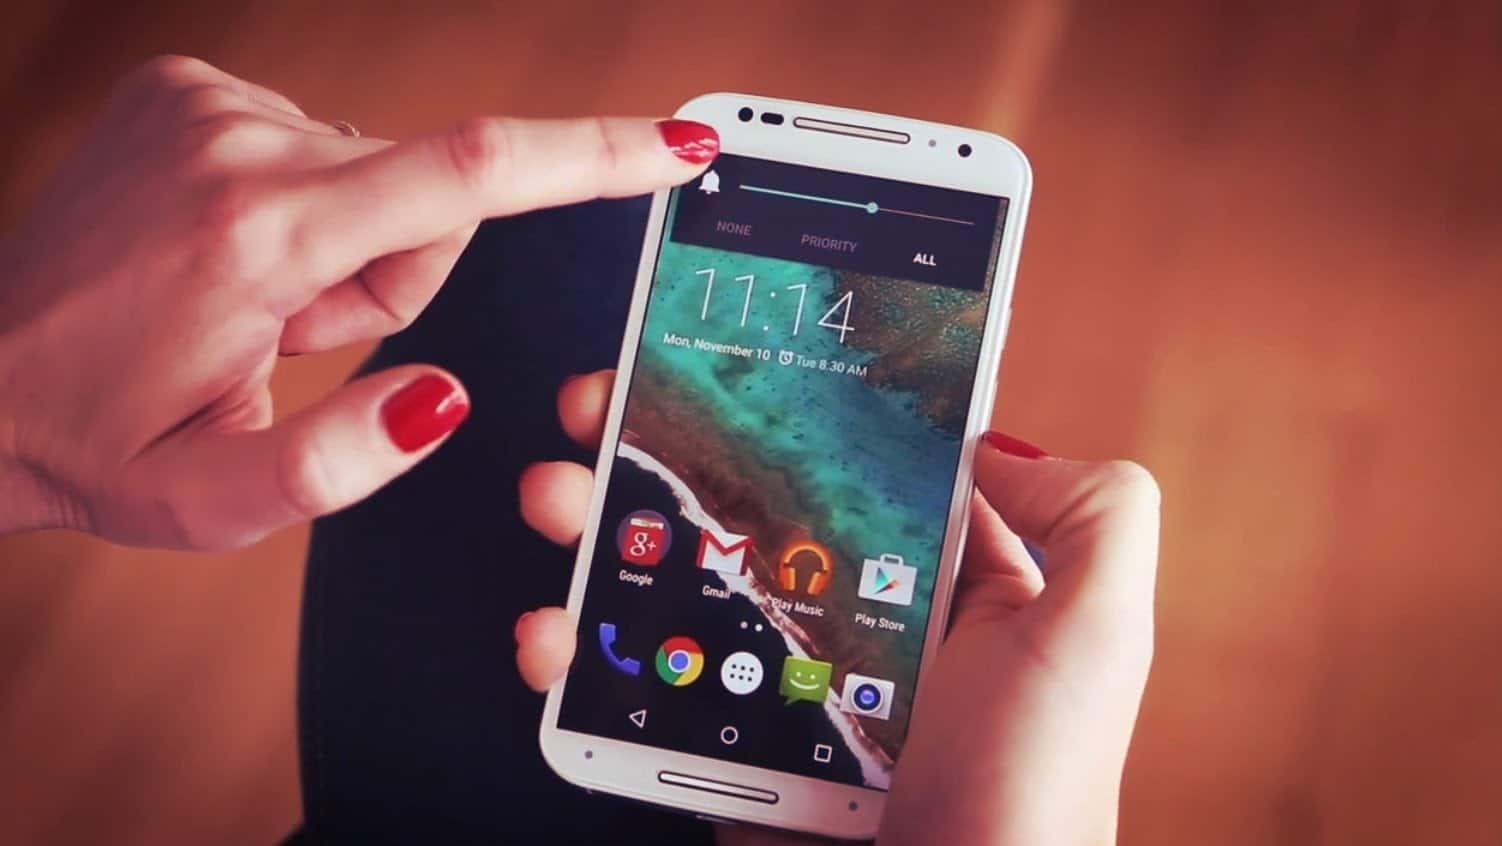 How to Root the Motorola Moto G (3rd Gen)